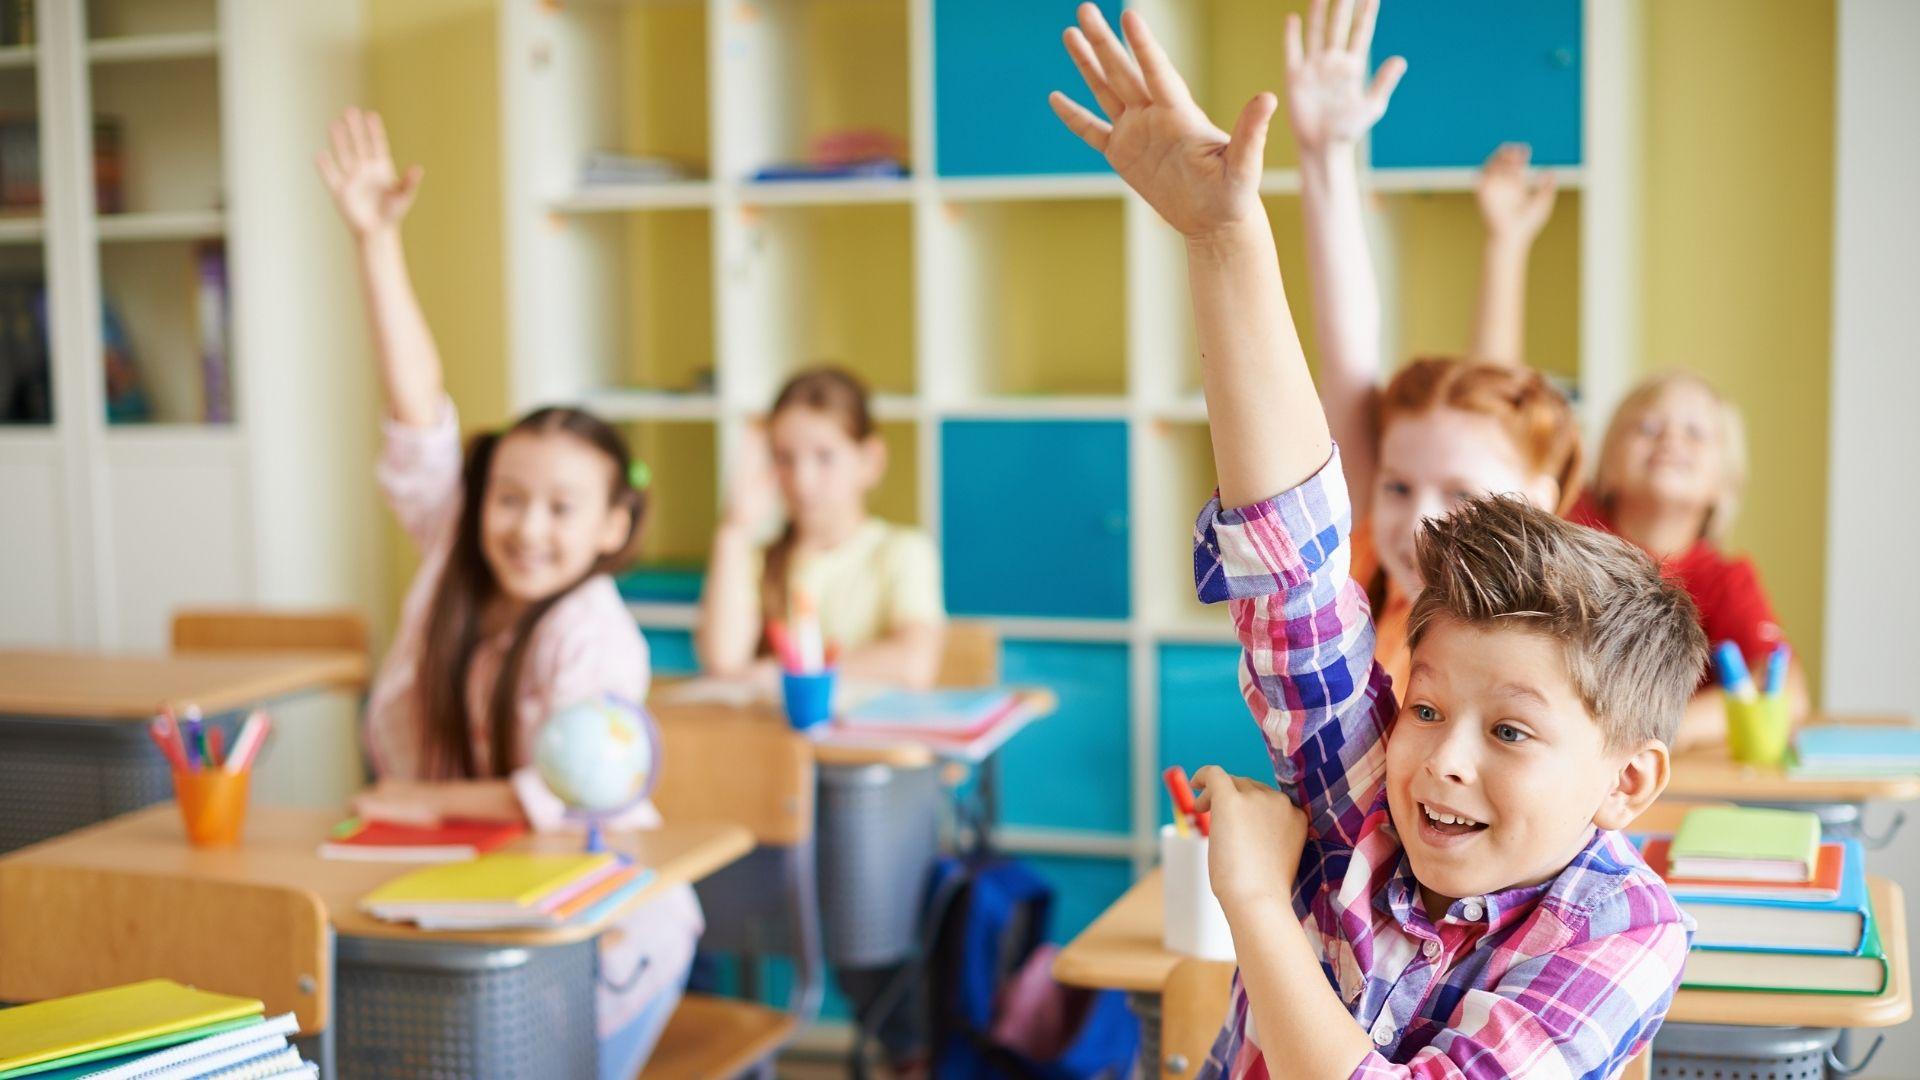 Le mythe de la bonne réponse unique tue la créativité dans les écoles où les élèves luttent pour donner LA bonne réponse